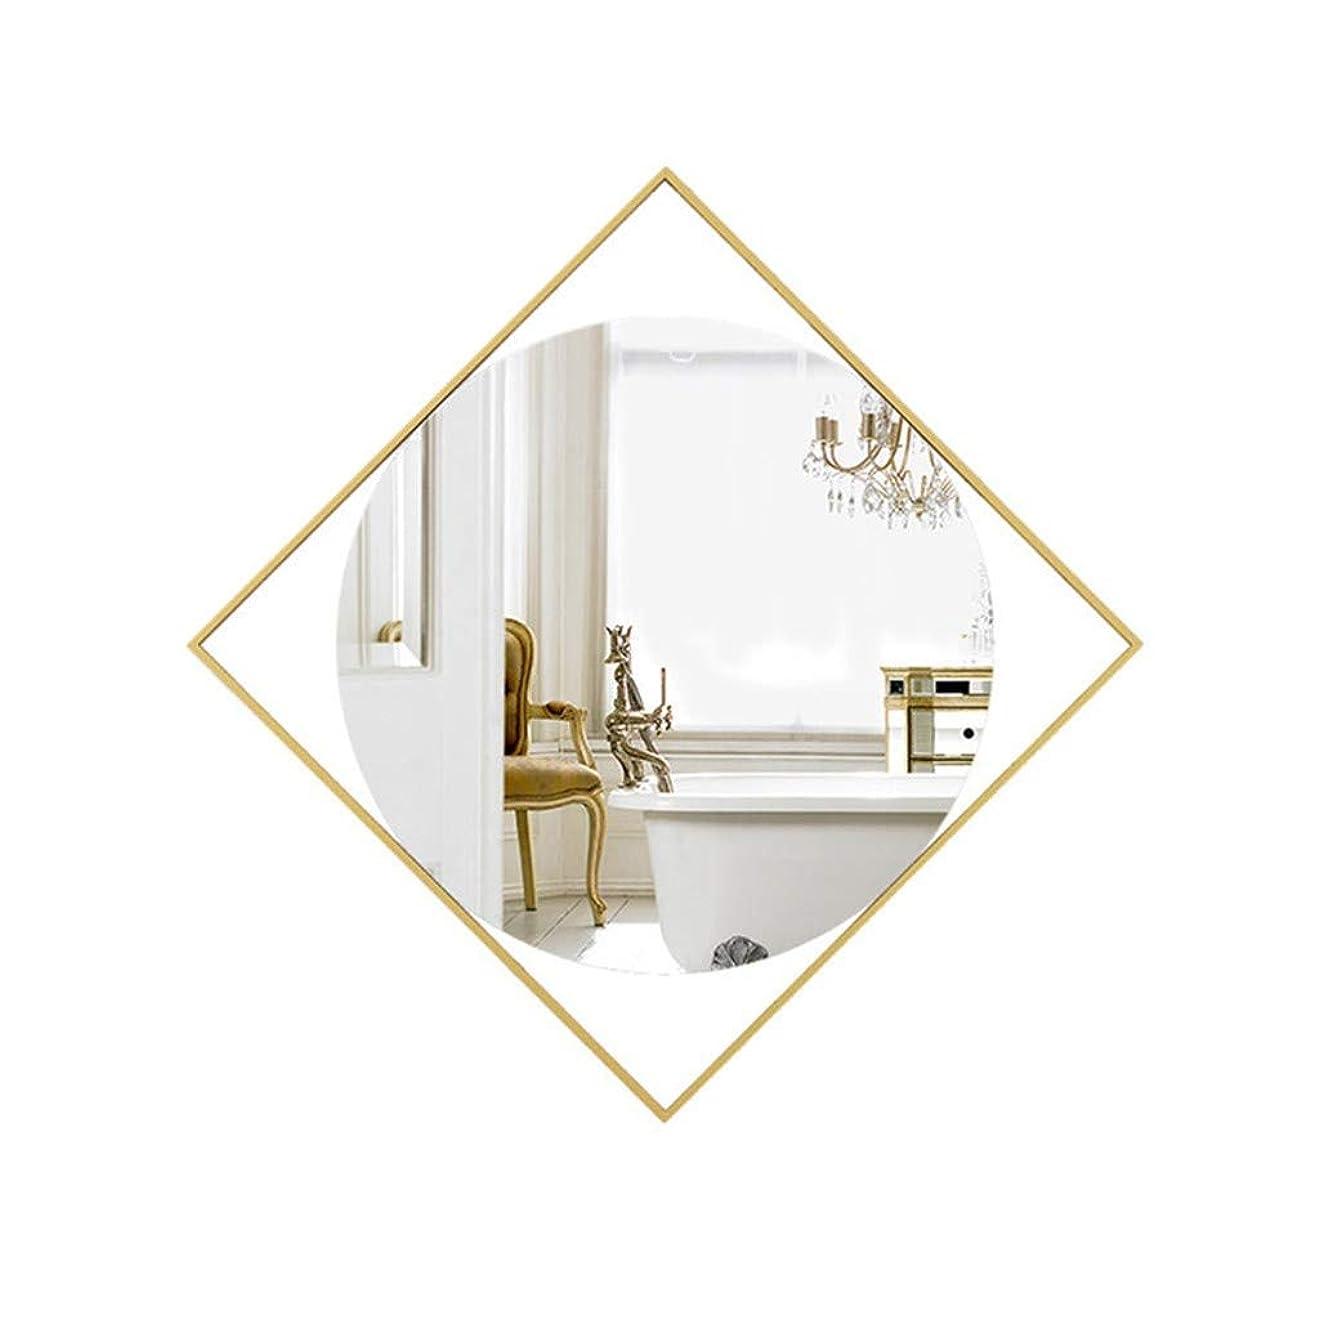 邪魔乗算熟読明るい鏡 錬鉄装飾ミラー、幾何学的なメンズベッドルームウォールミラー創造浴室化粧鏡会議室ギャラリーメタルミラー メイクアップとミラー (Color : Gold, Size : 60*60CM)